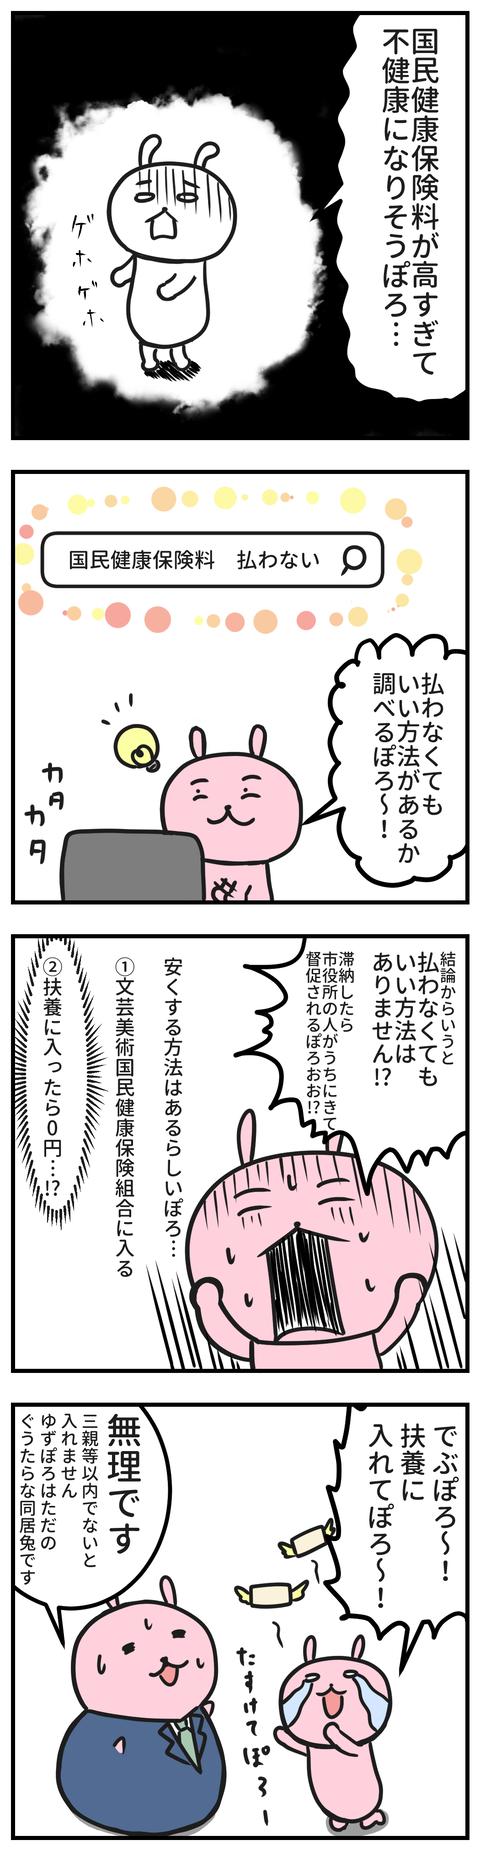 コミック2_069